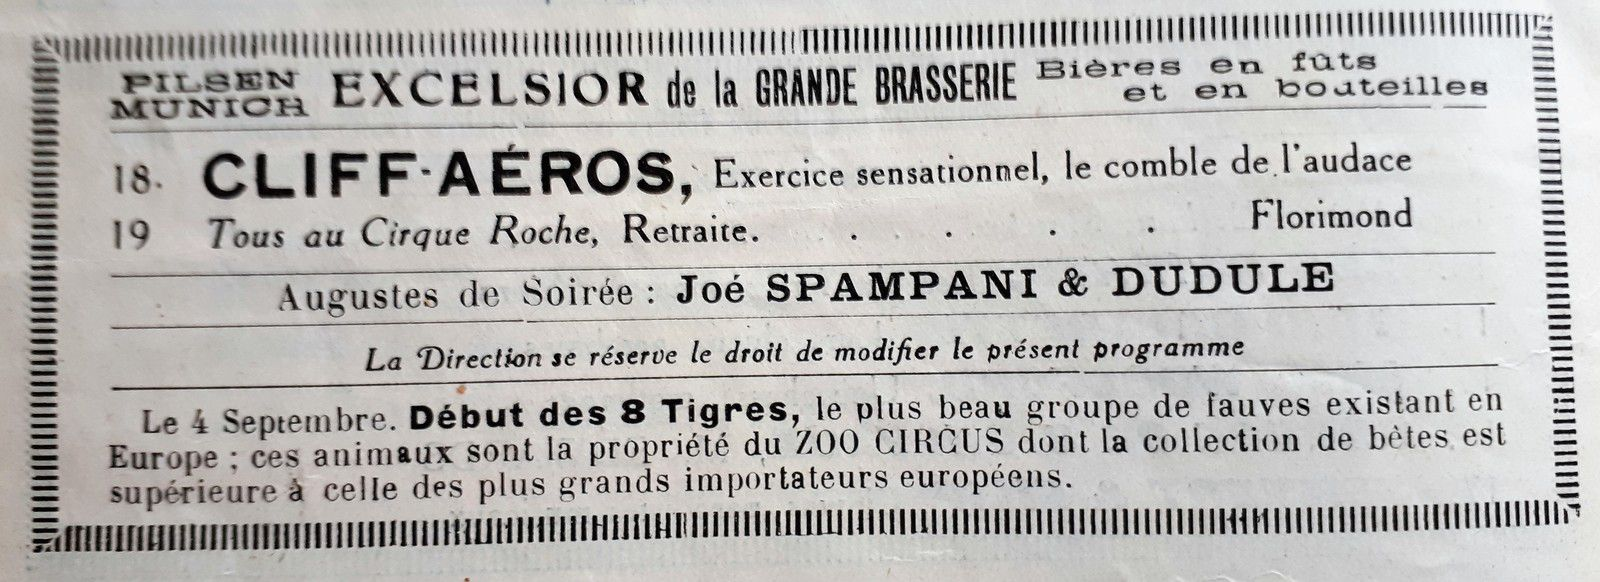 Un programme du Cirque Roche